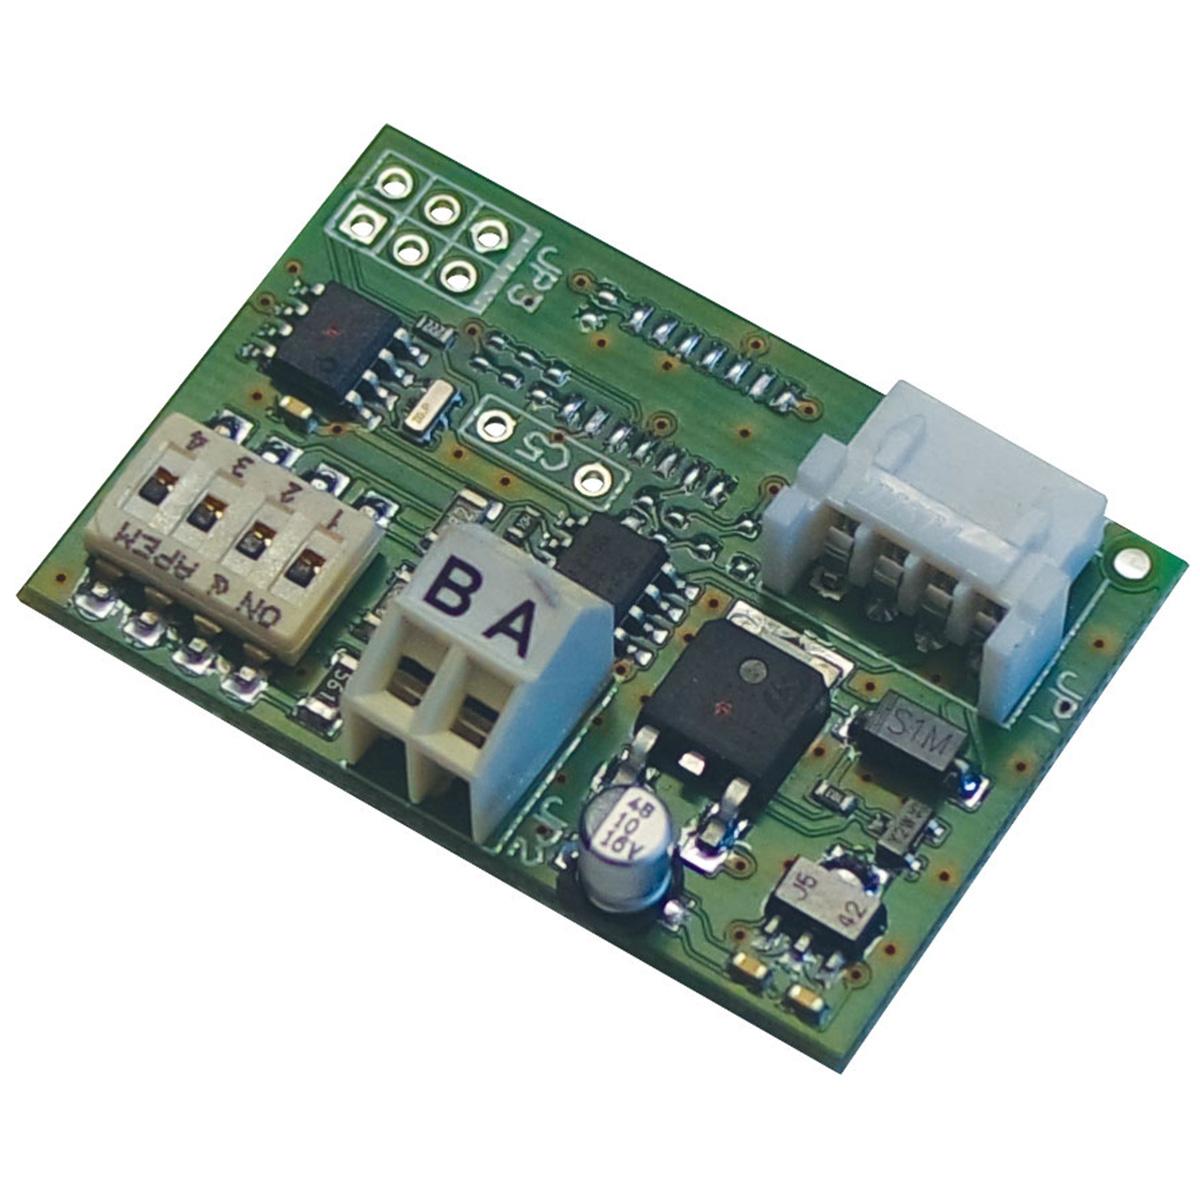 BFT Adapterplatine für seriellen Master/Slave Antrieb